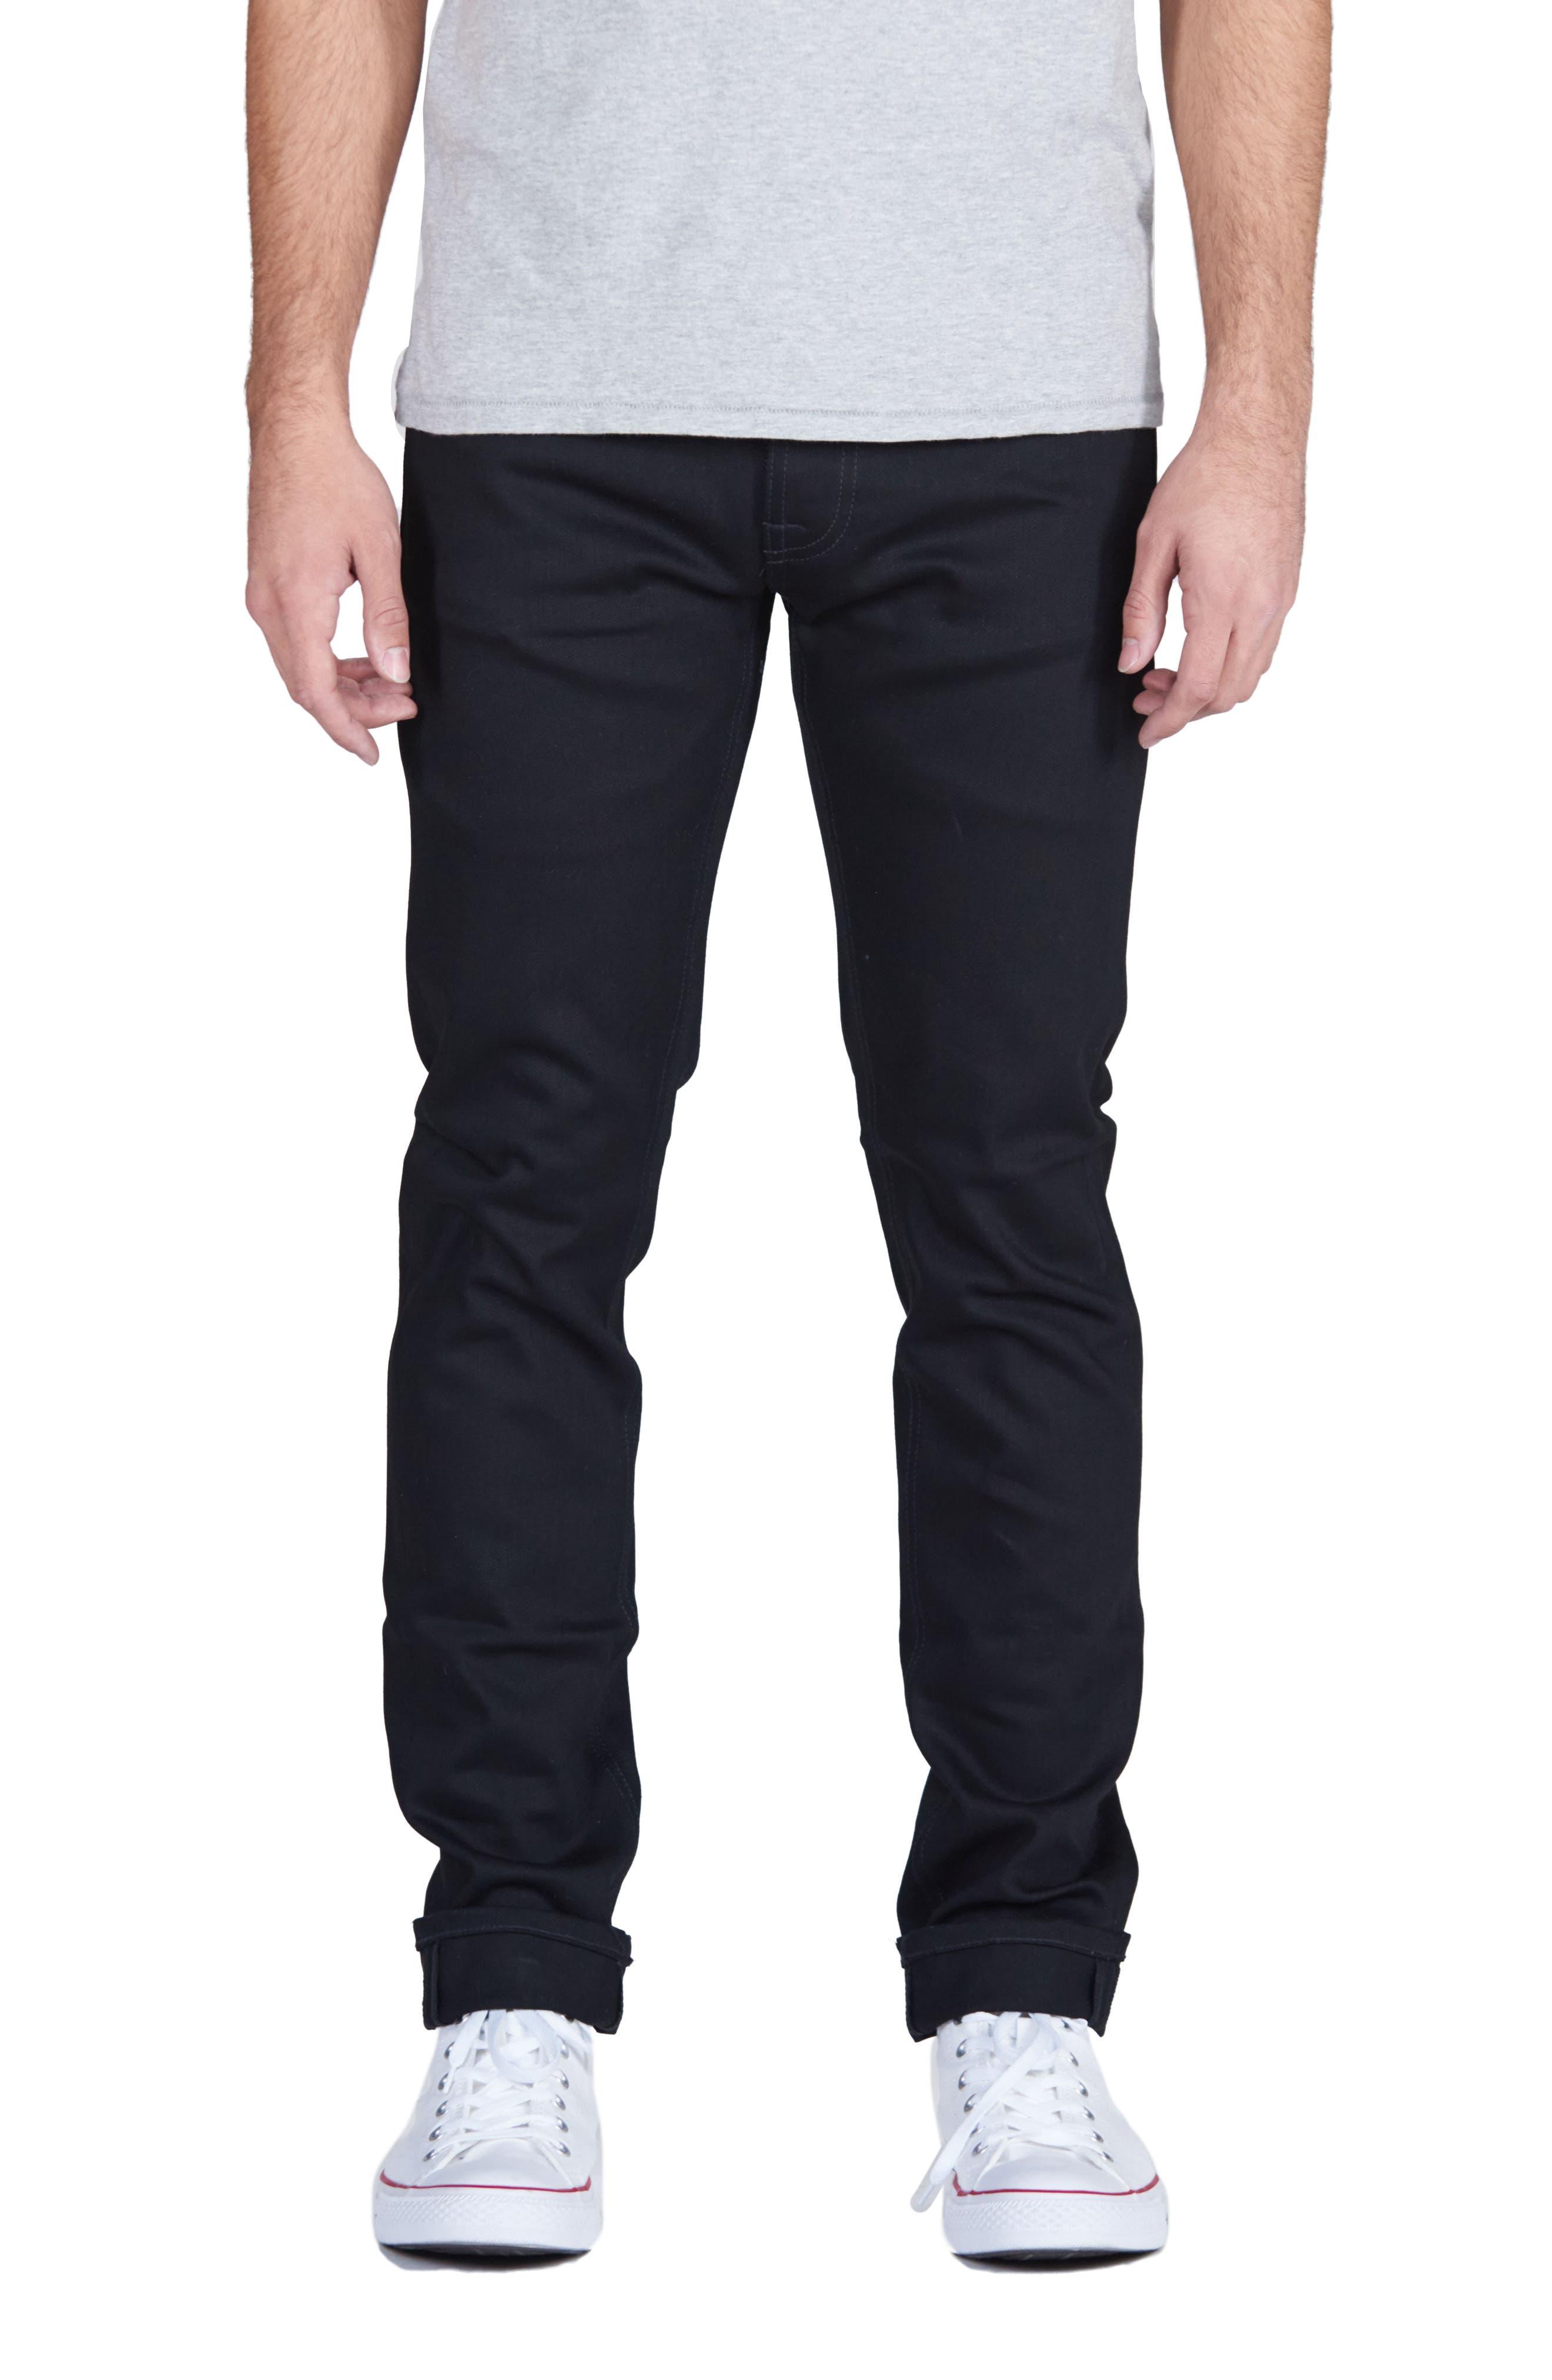 NUDIE JEANS Tilted Tor Skinny Fit Jeans